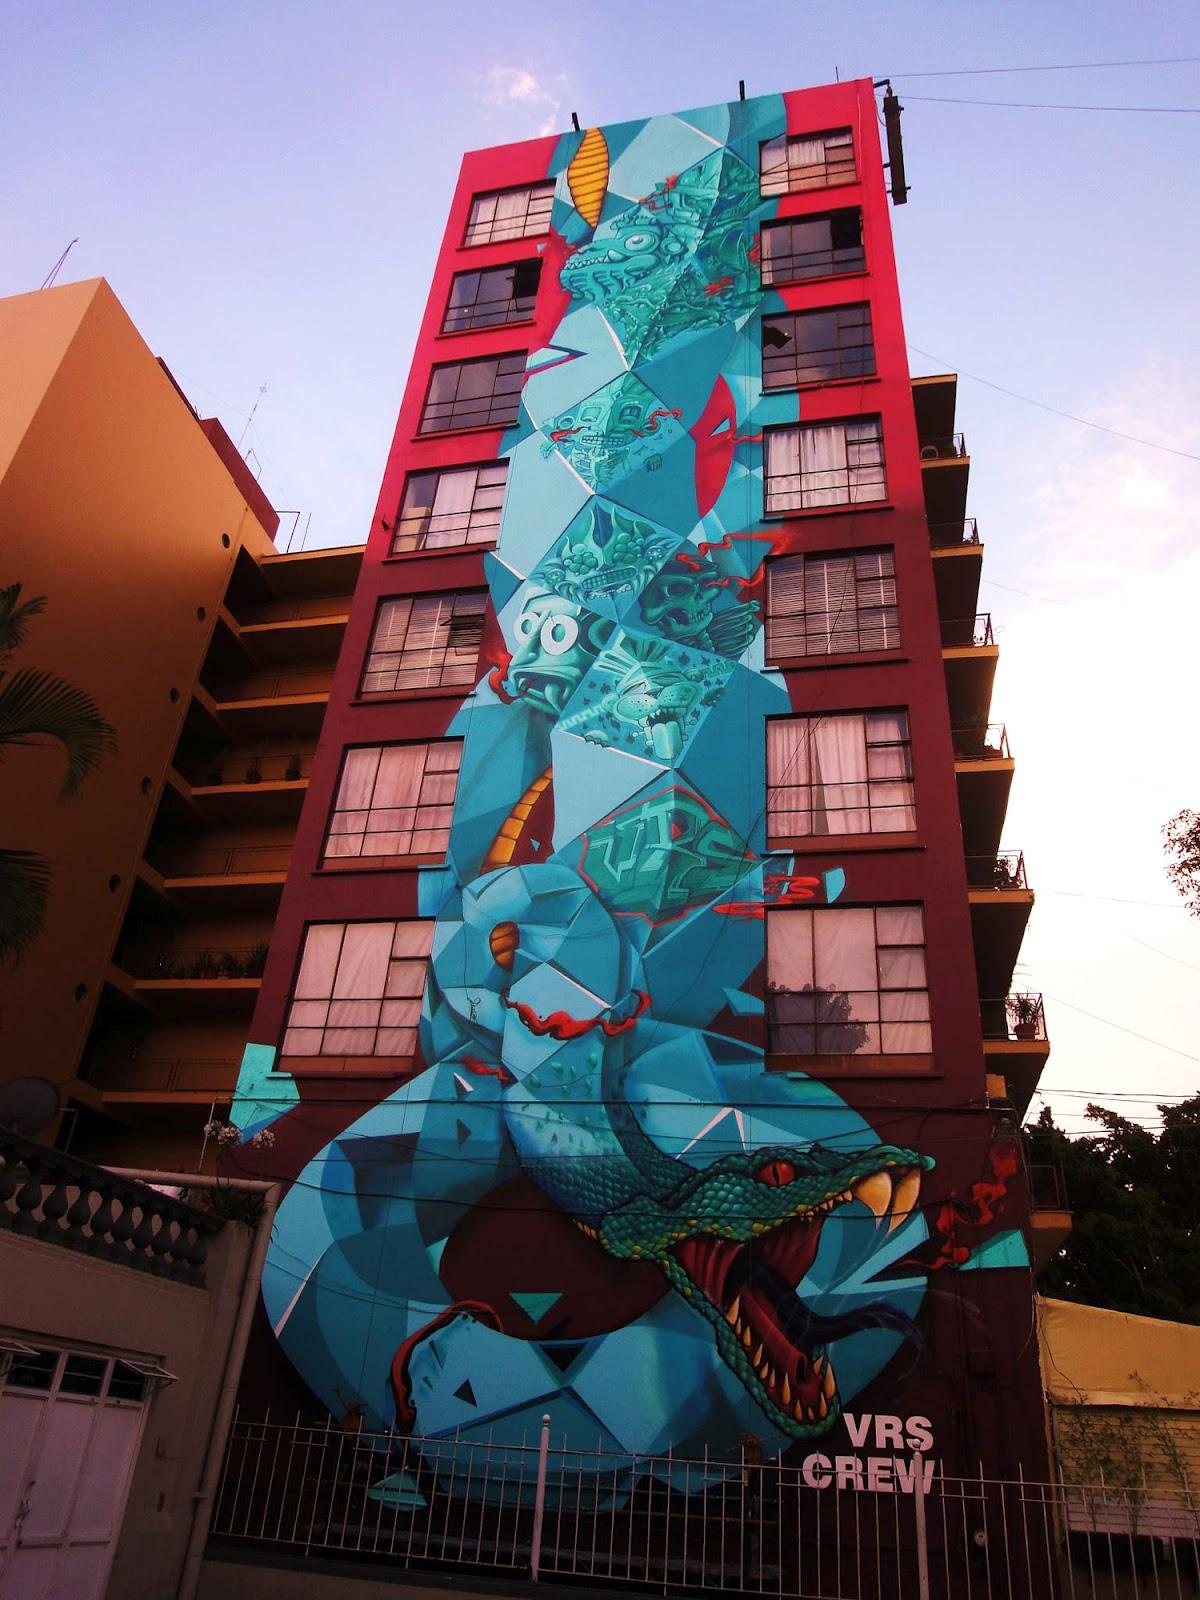 Fixe x vrs crew new mural in guadalajara mexico for Aviso de ocasion mural guadalajara